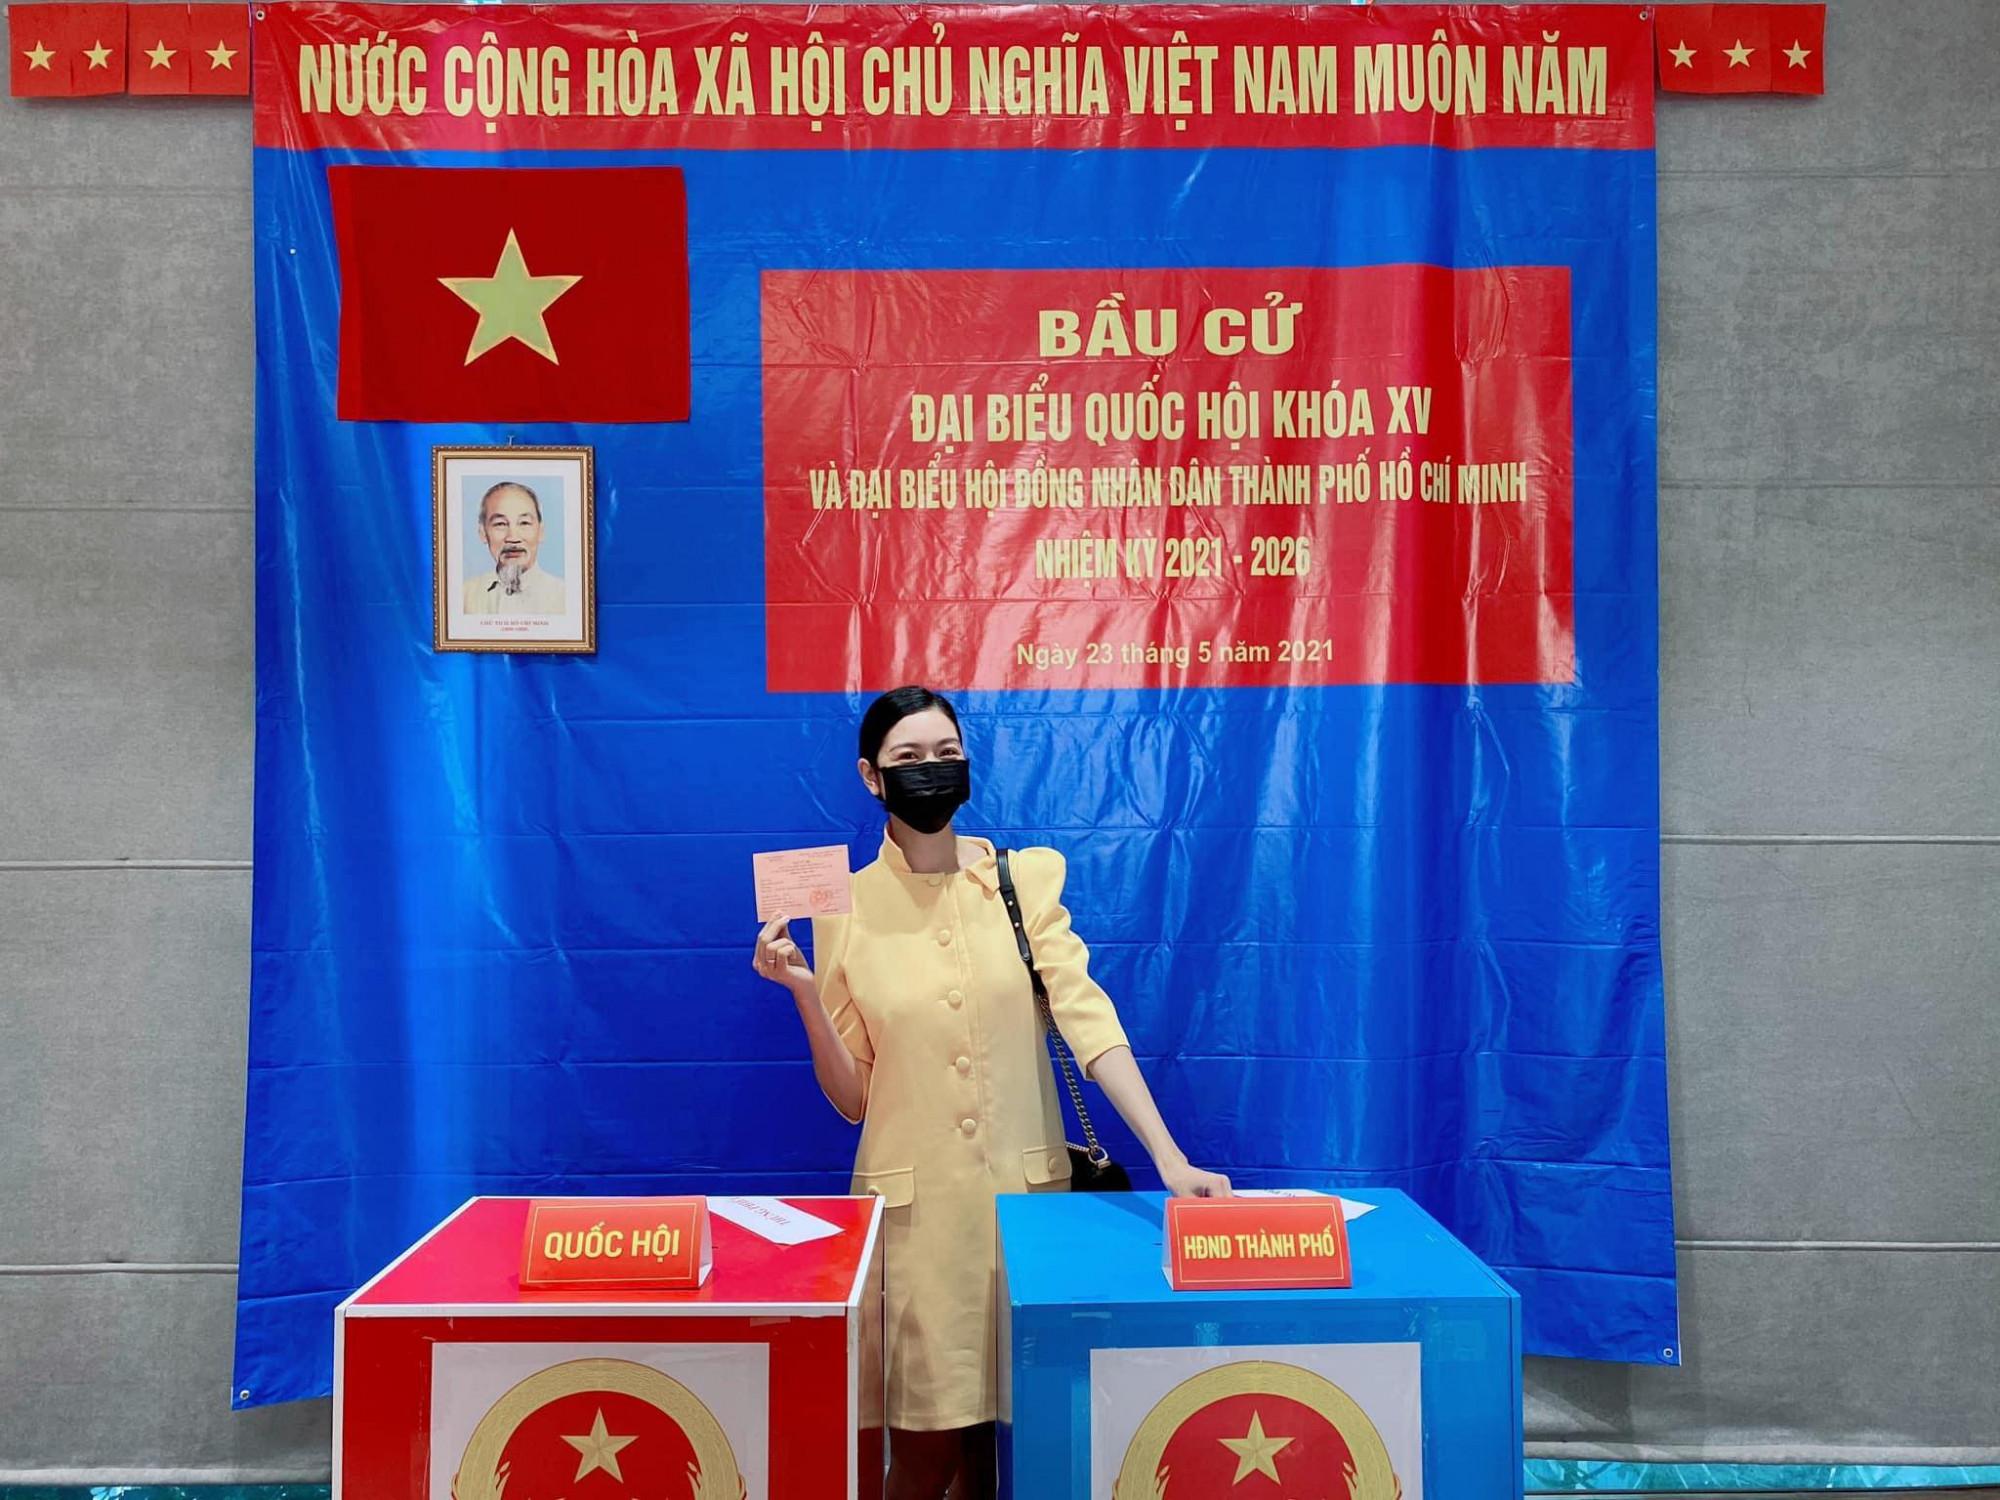 Á hậu Thuý Vân di bỏ phiếu tại quận Bình Thạnh.